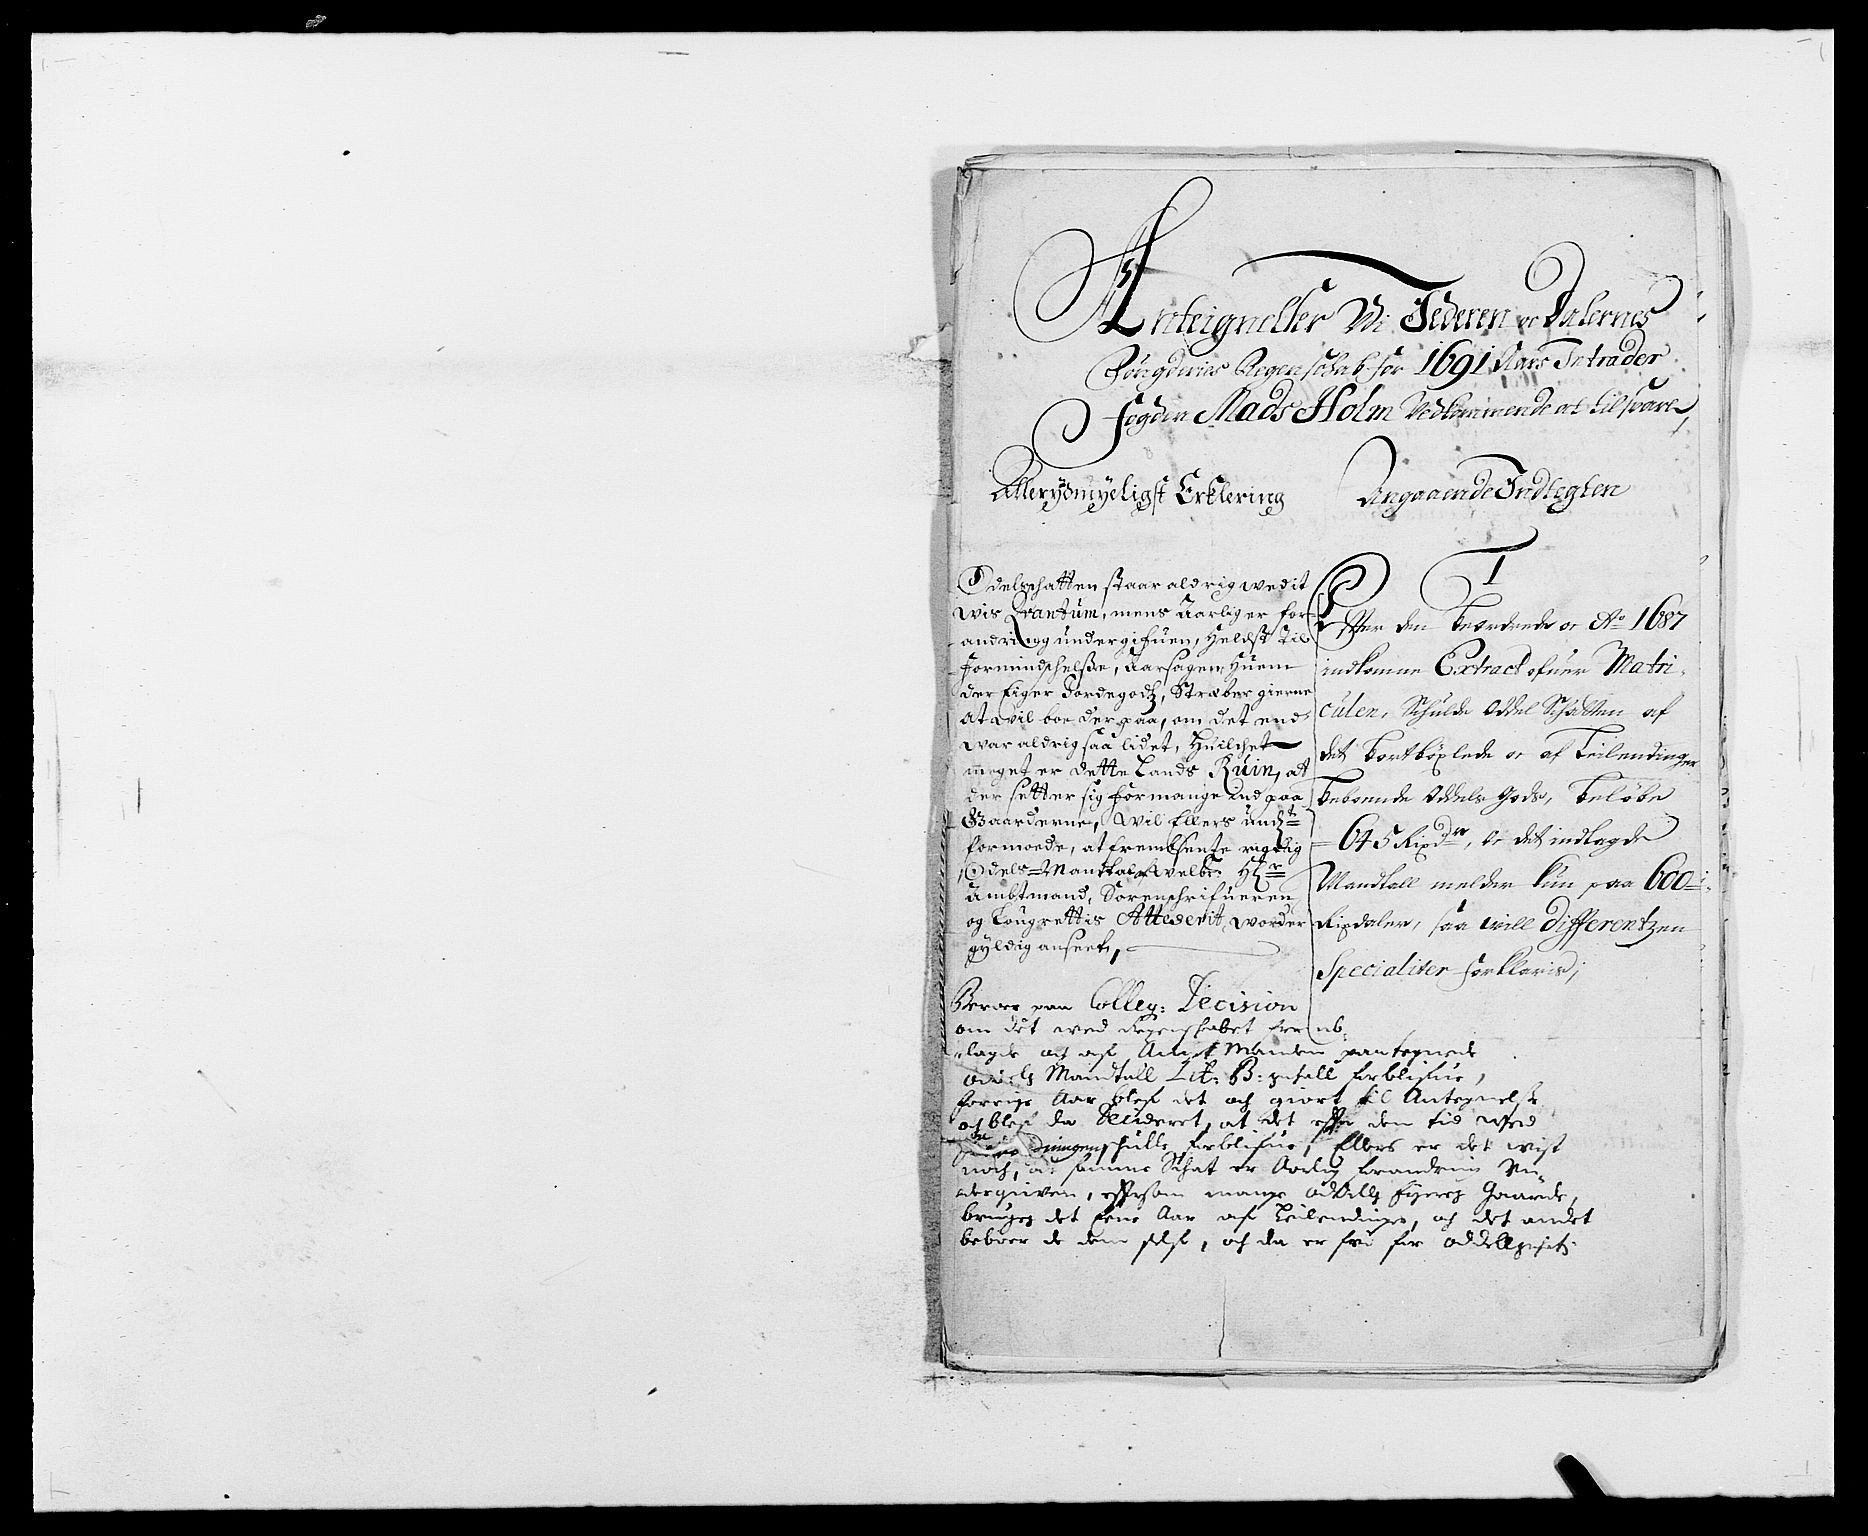 RA, Rentekammeret inntil 1814, Reviderte regnskaper, Fogderegnskap, R46/L2727: Fogderegnskap Jæren og Dalane, 1690-1693, s. 145